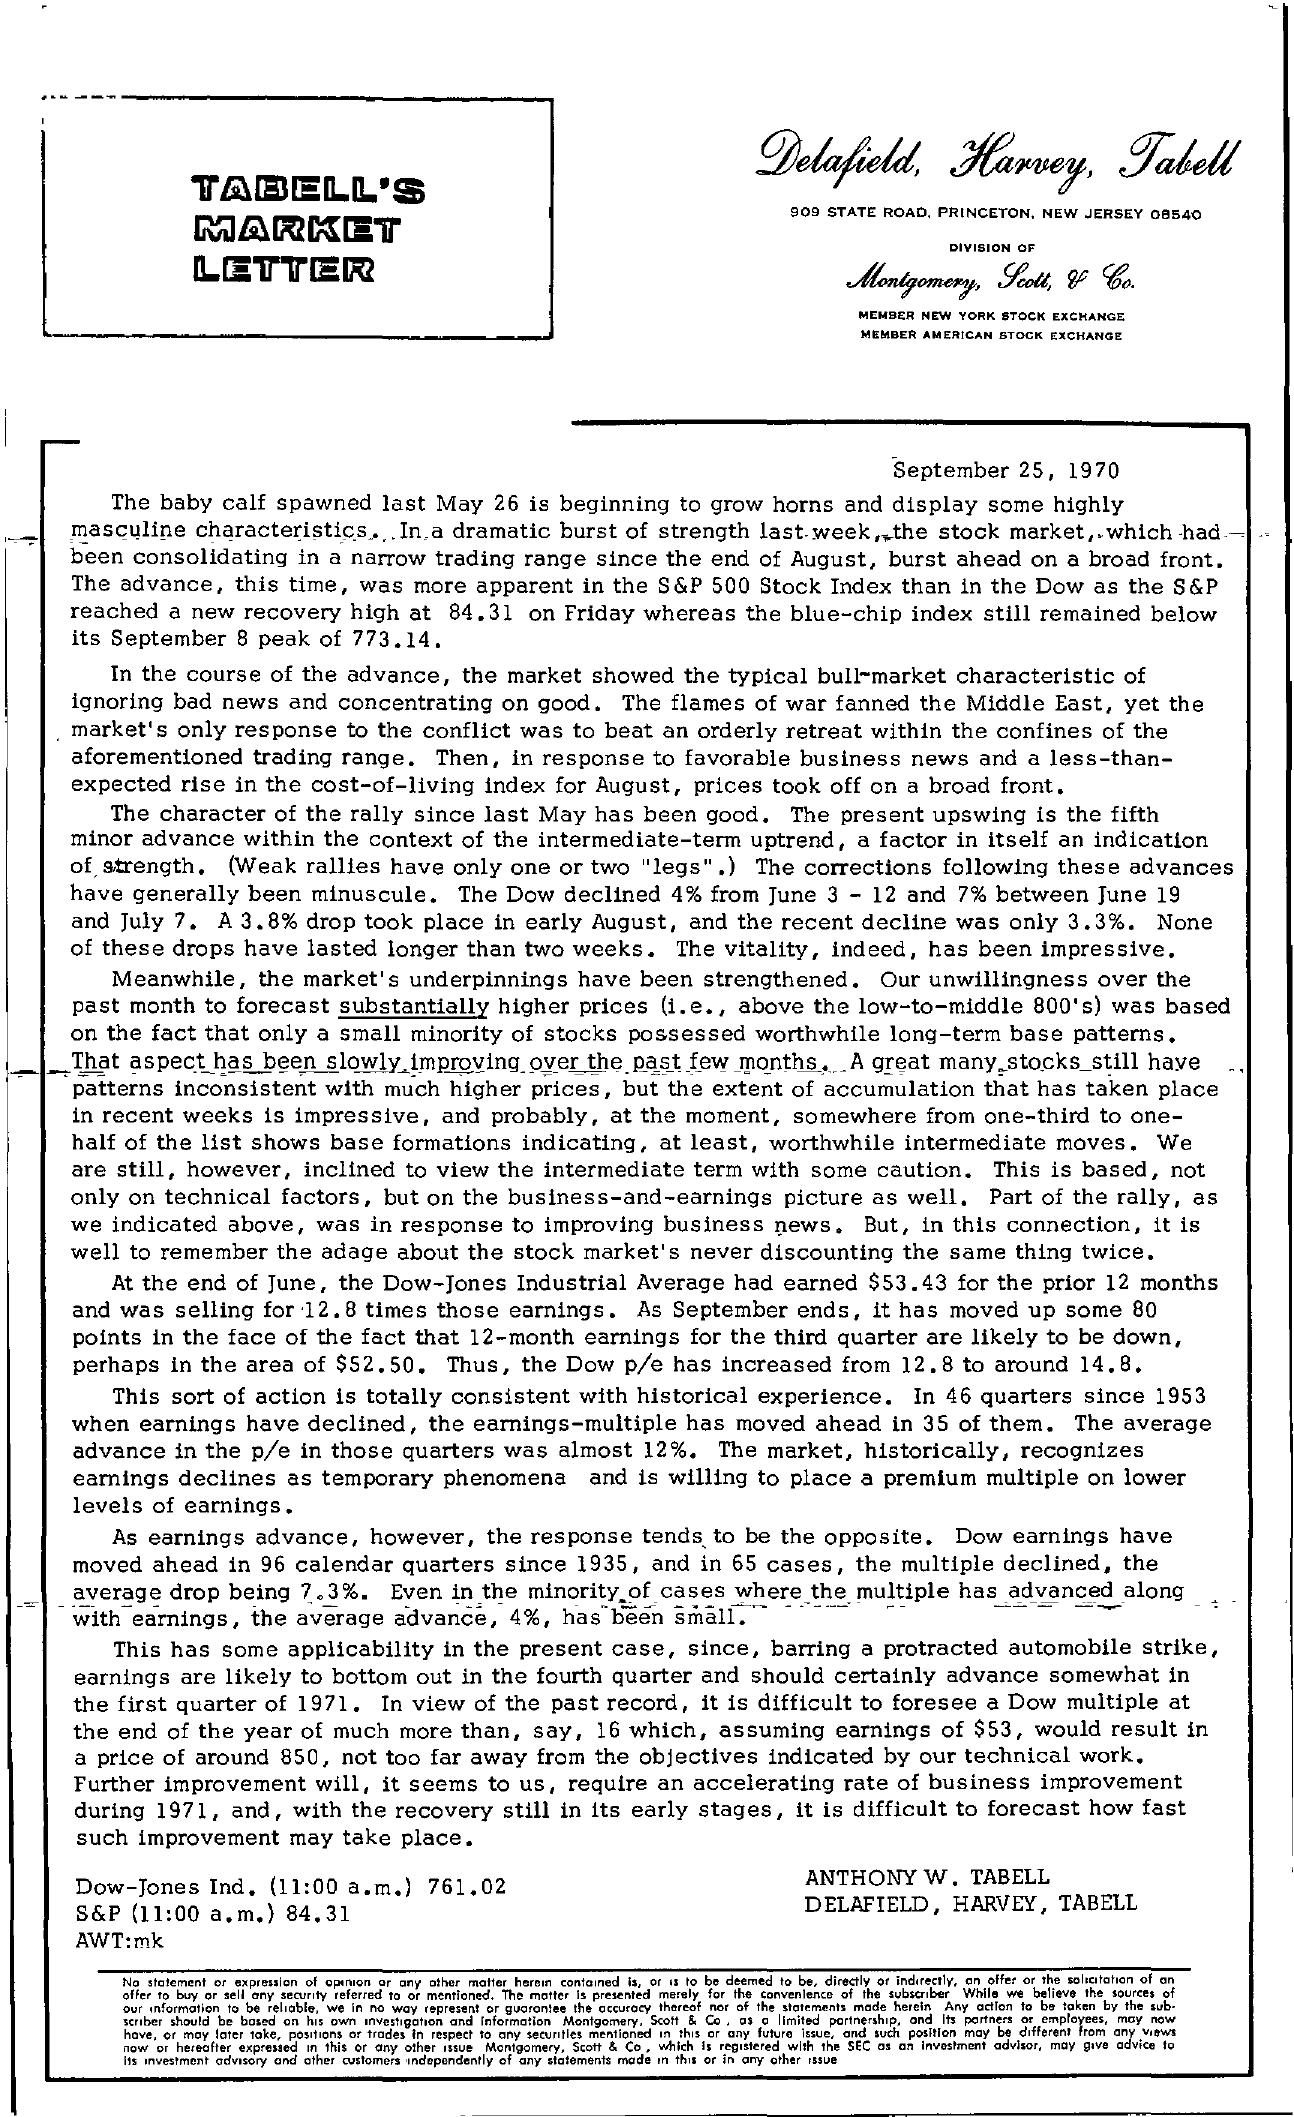 Tabell's Market Letter - September 25, 1970